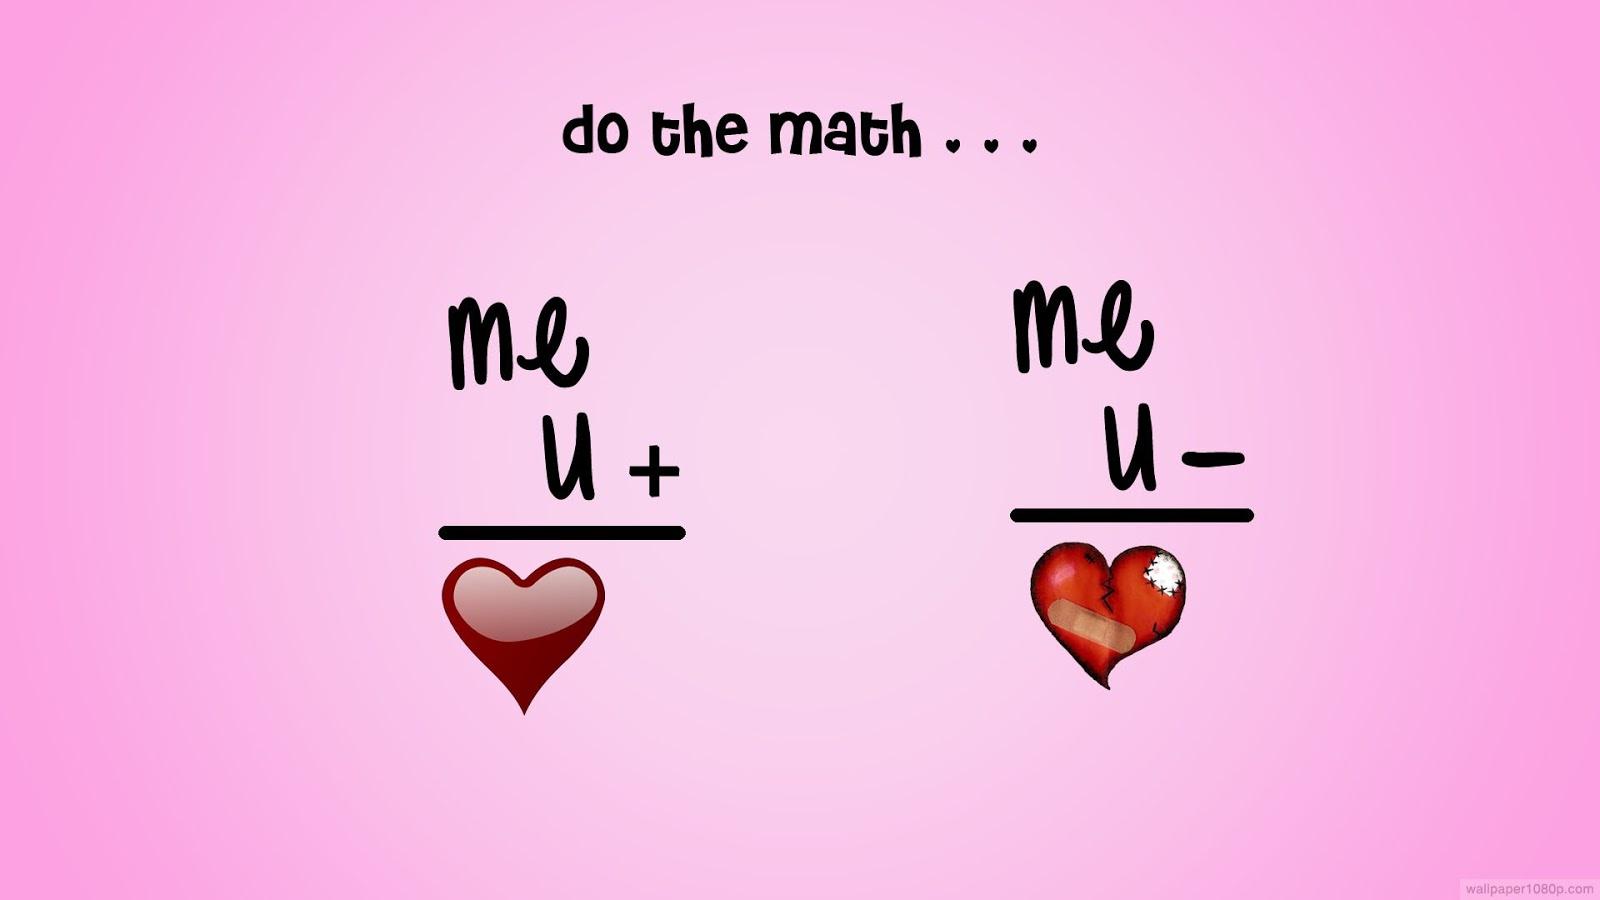 do the love math